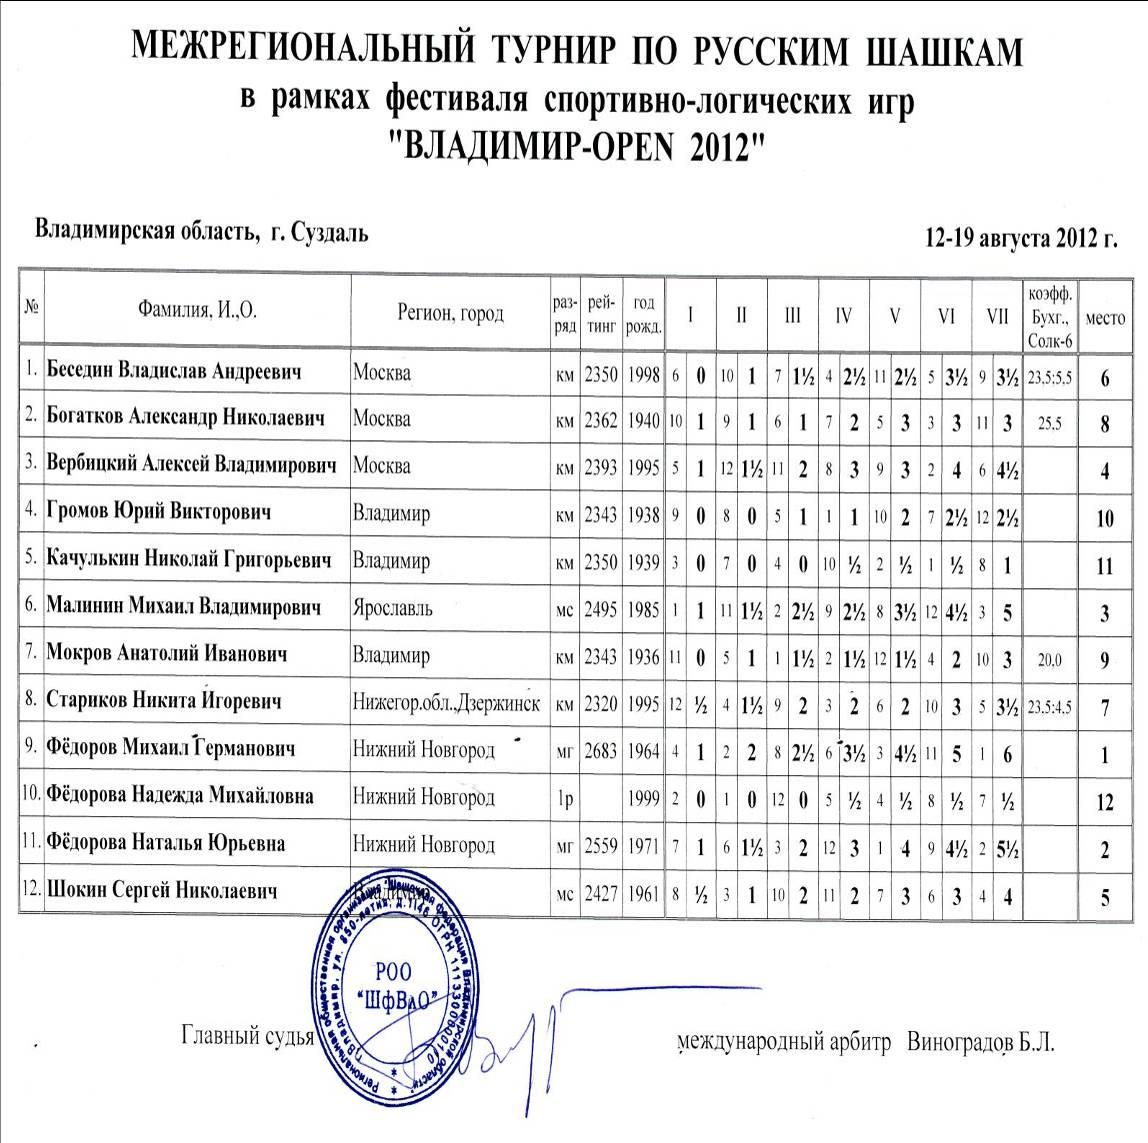 Владимир-опен 2012: русские шашки, итоговая таблица